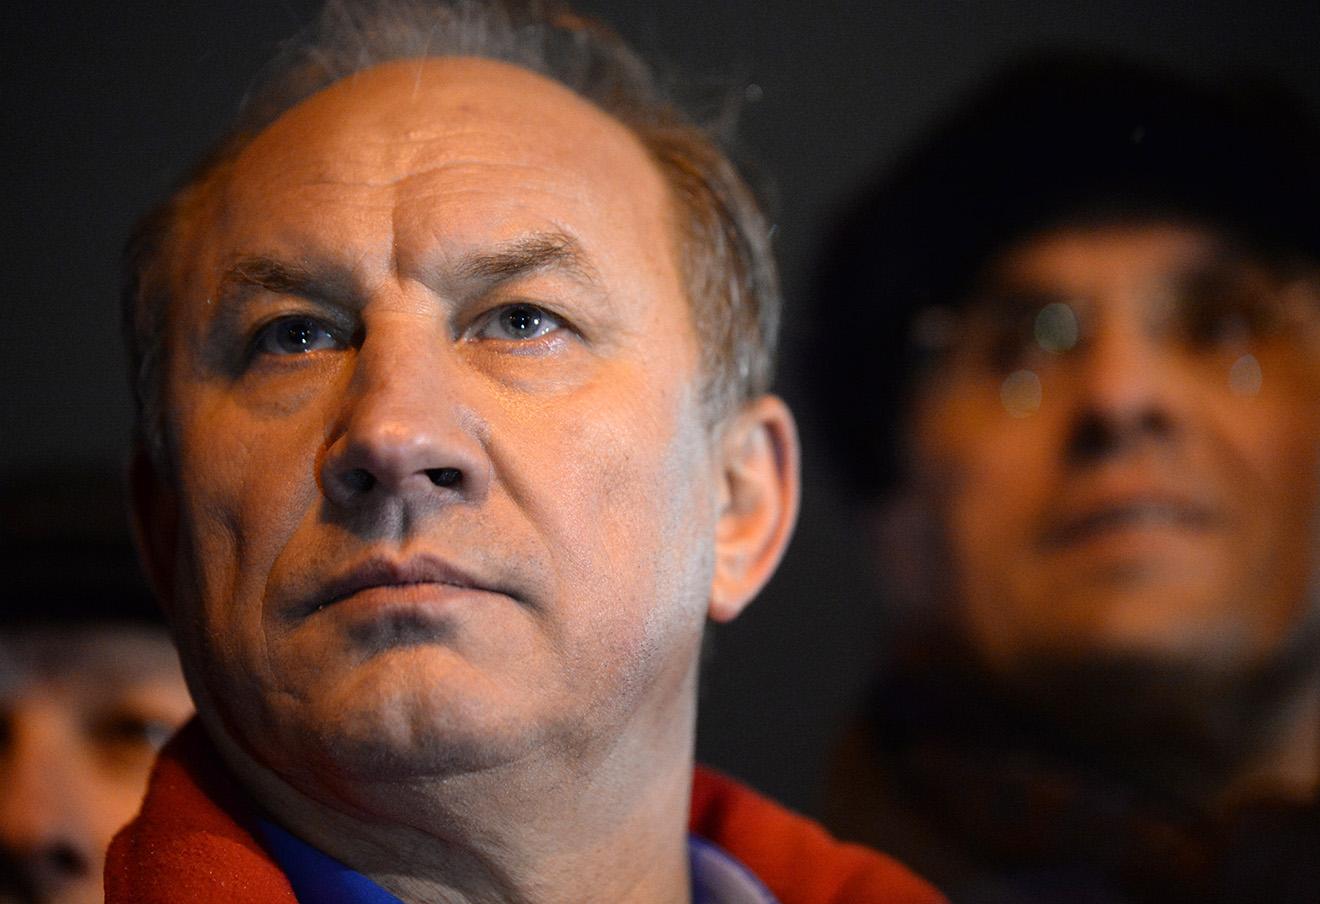 Валерий Рашкин. Фото: Павел Бедняков / ТАСС